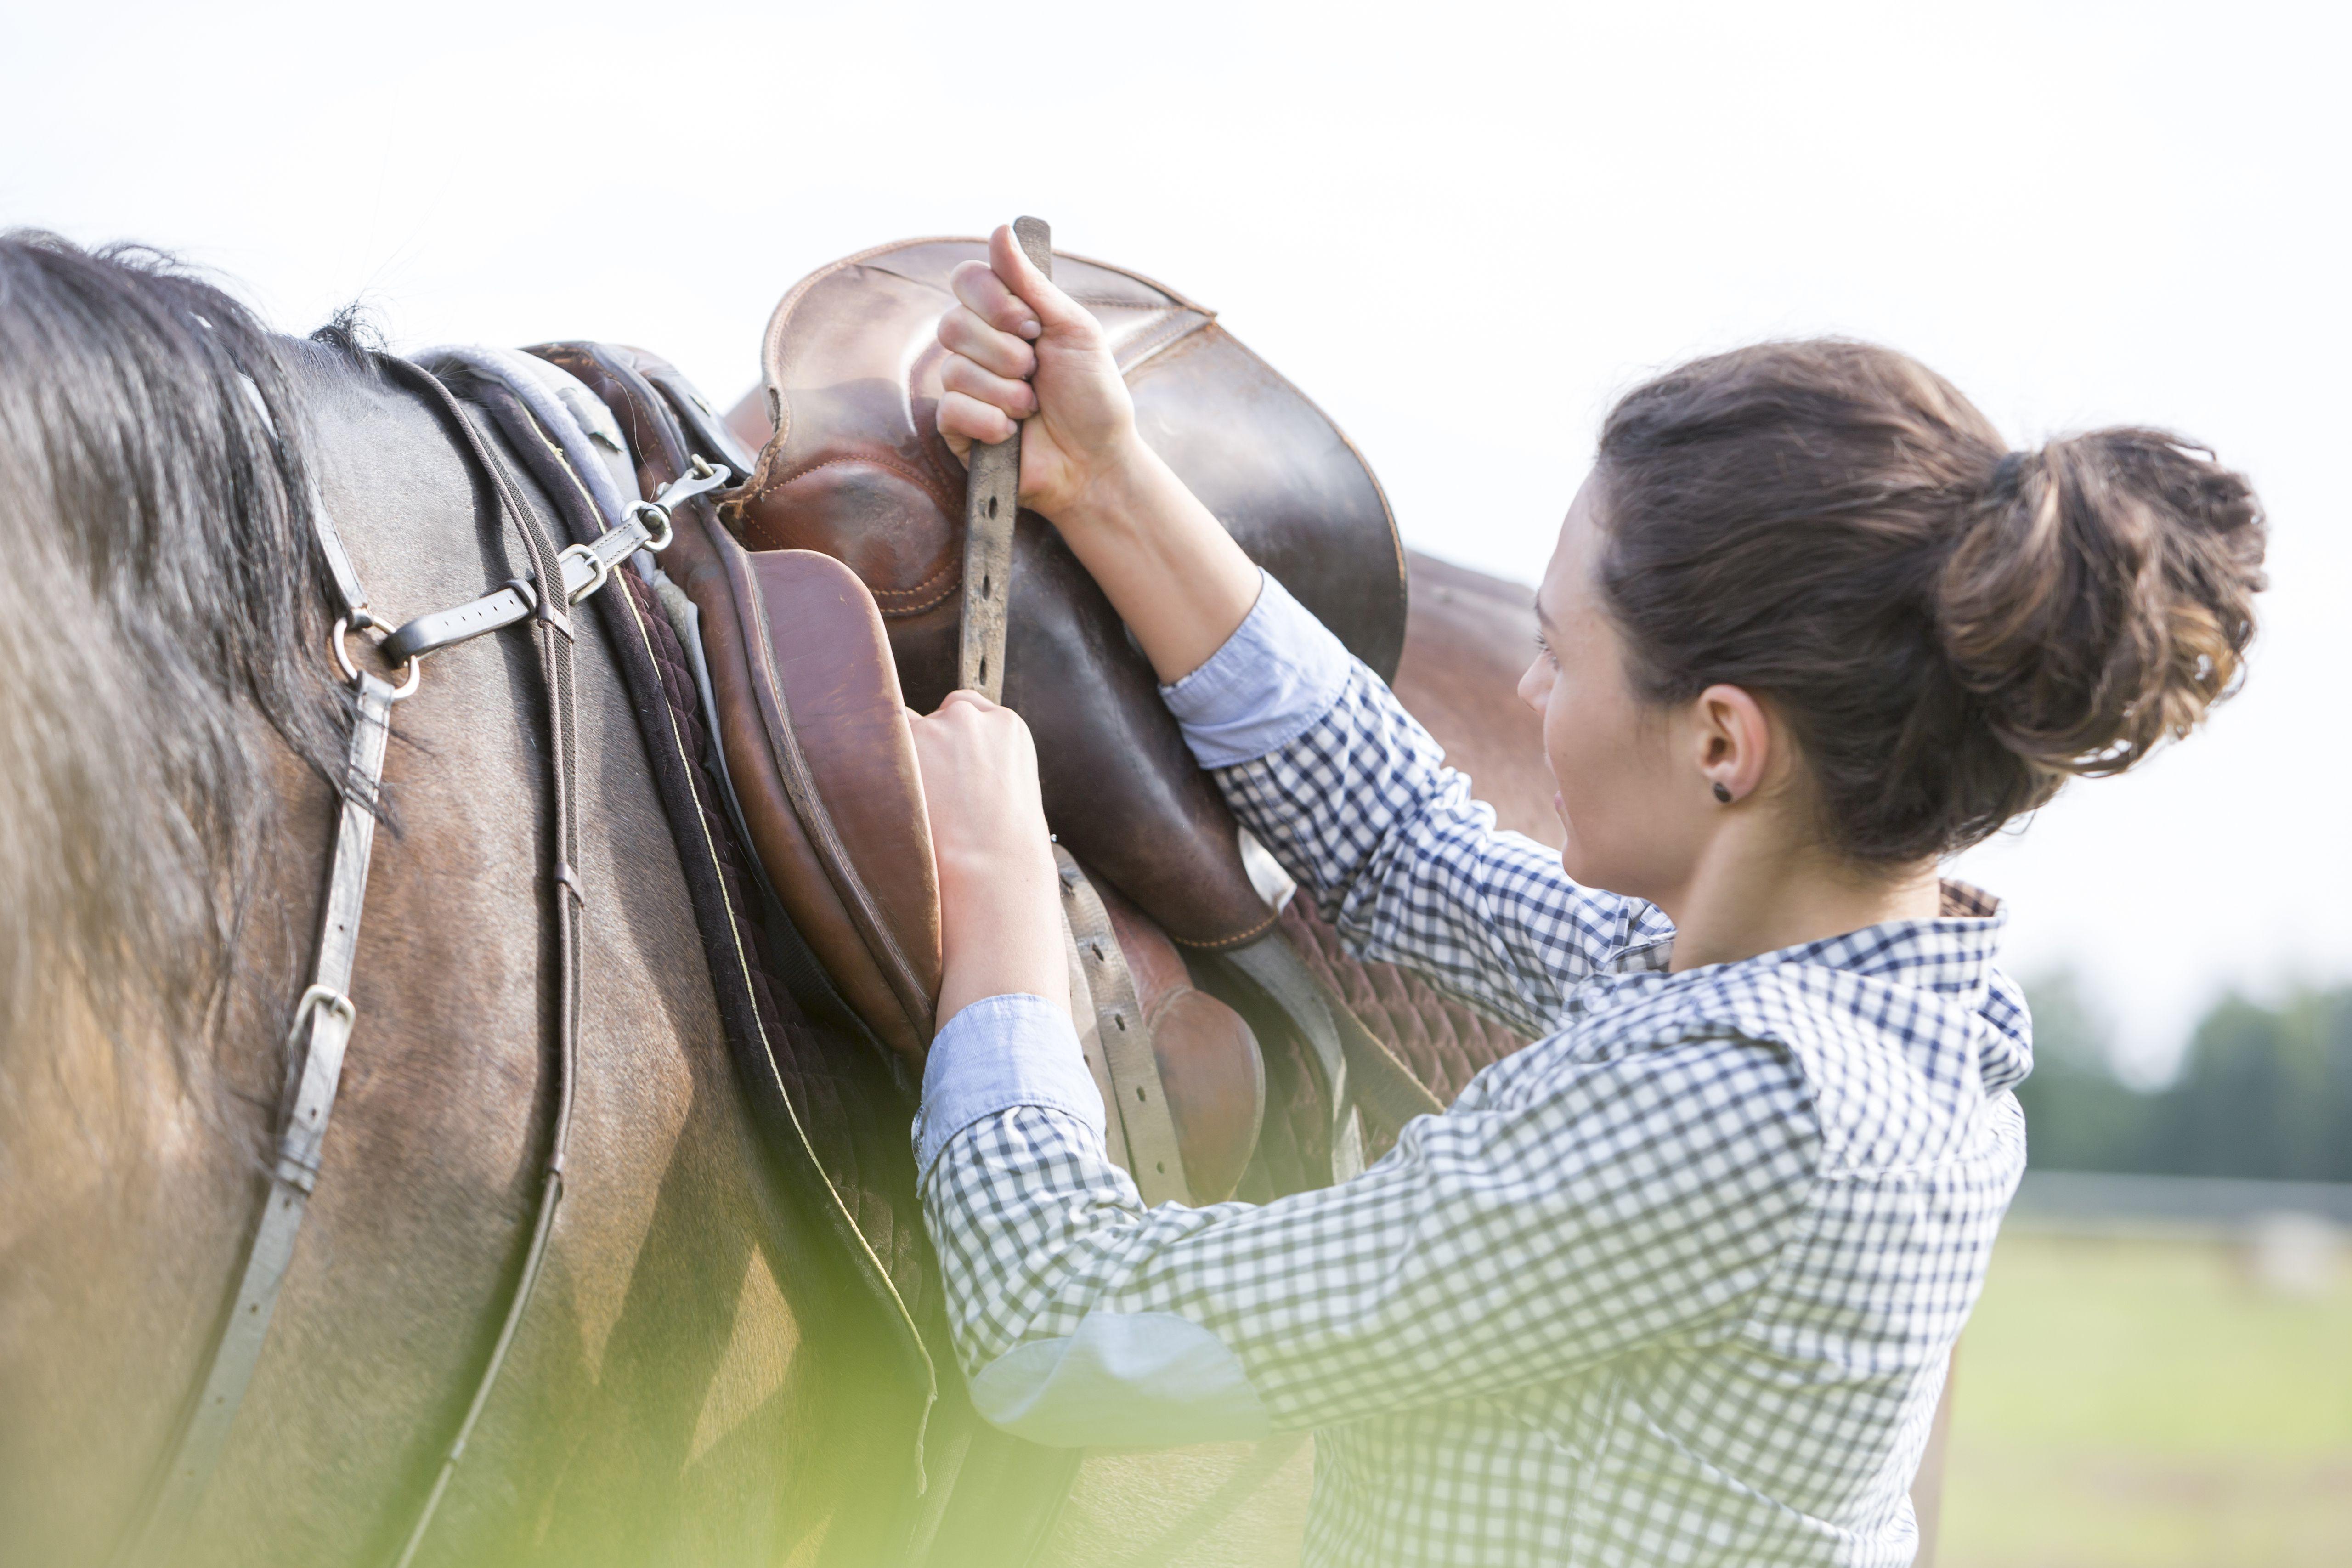 Mujer que aprieta la silla de montar para montar a caballo